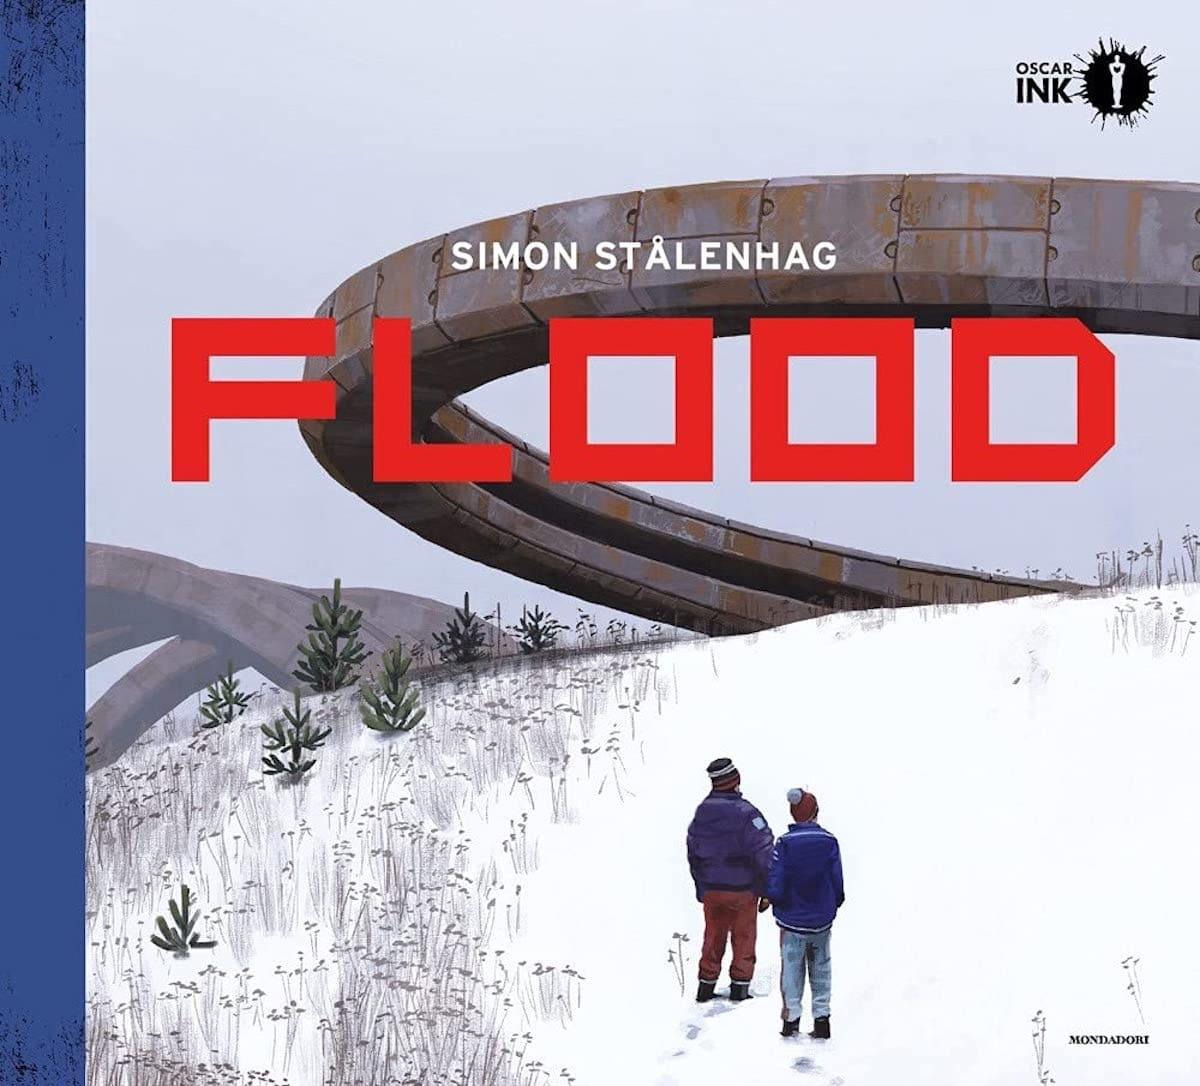 flood simon stalenhag mondadori